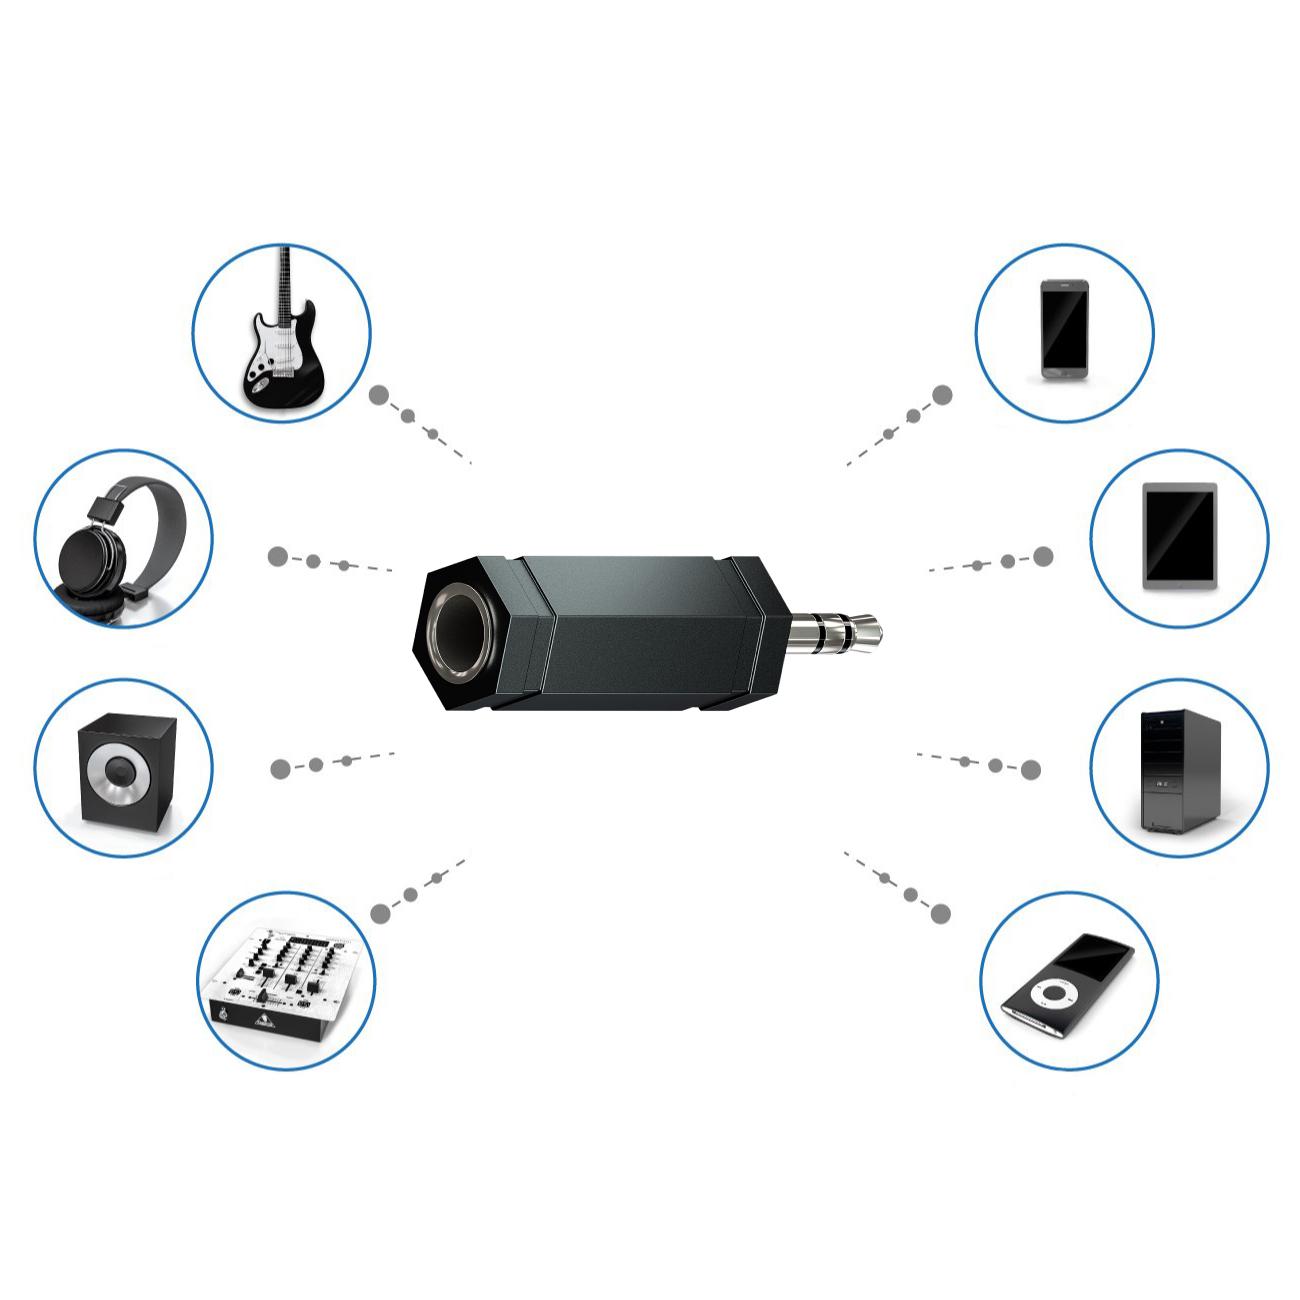 deleyCON 2 St/ück Stereo Audio Klinke Adapter 3,5mm Stecker auf 6,3mm Buchse HiFi Klinken Wandler Adapter-Stecker Receiver Heimkino Kopfh/örer